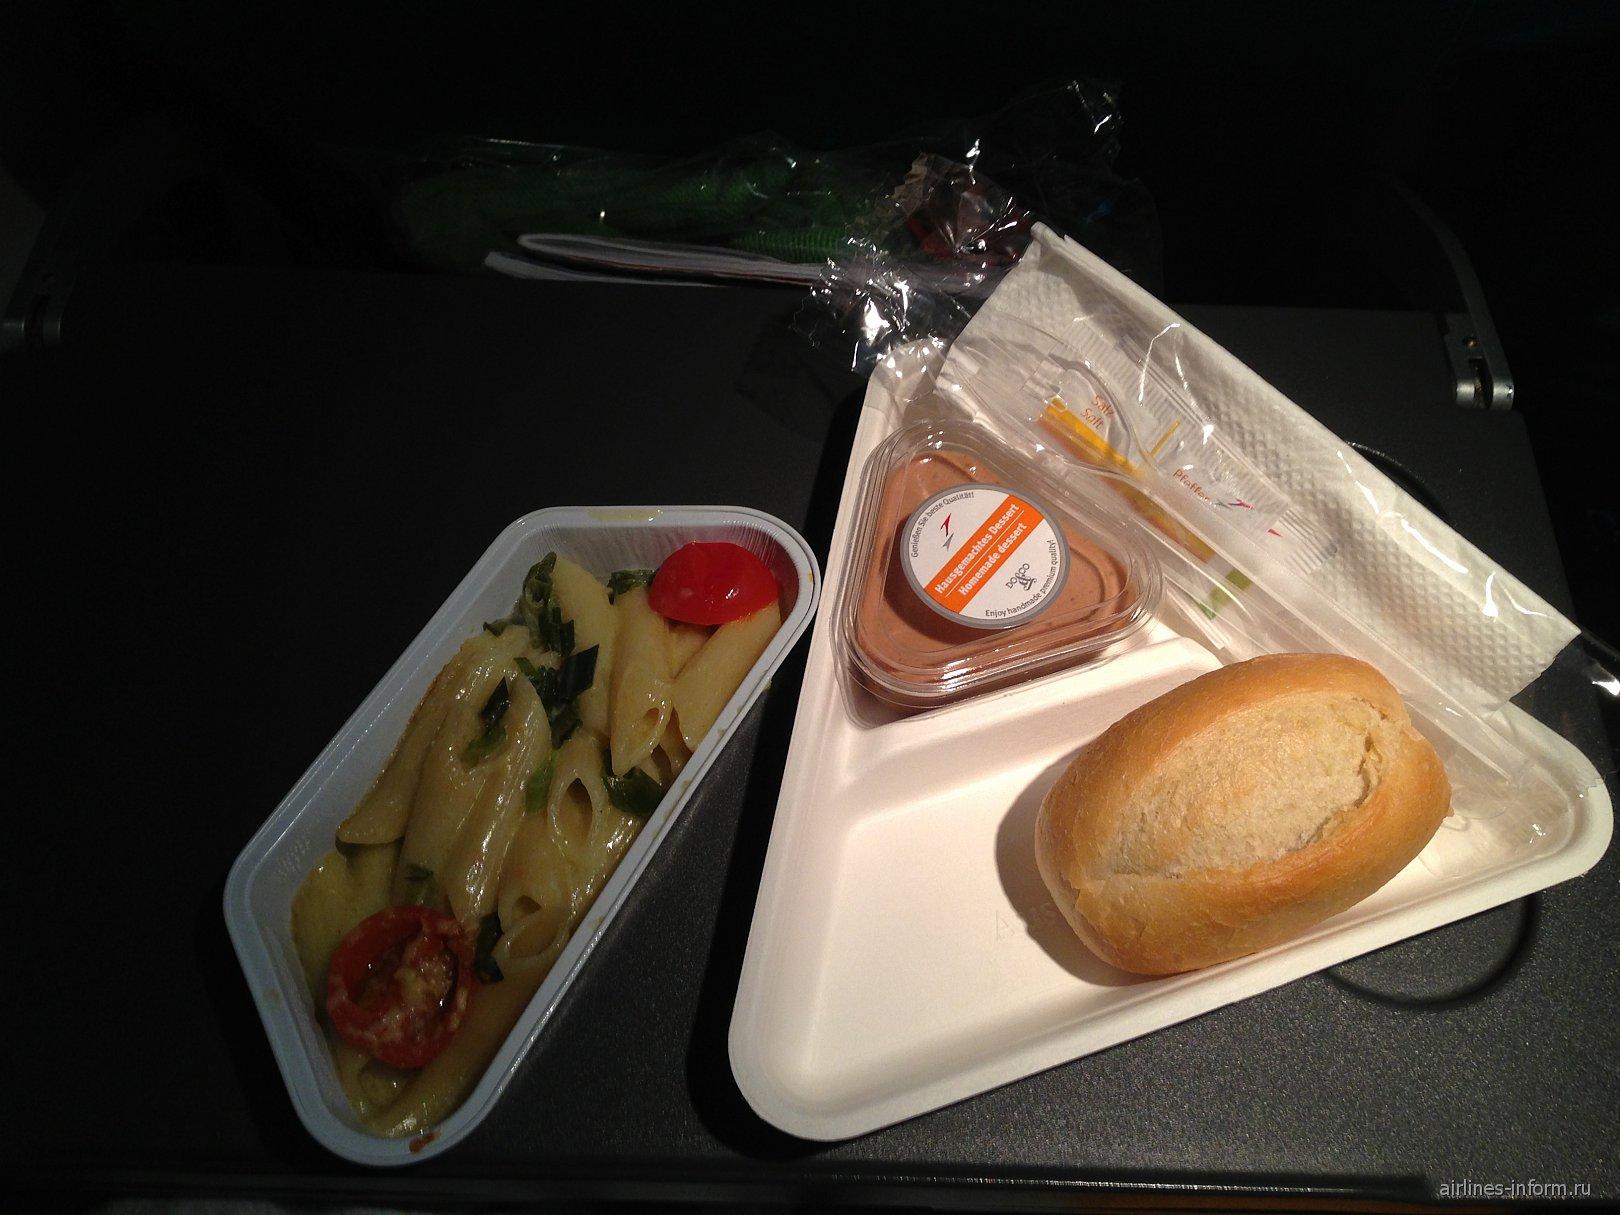 Питание на рейсе Вена-Санкт-Петербург Австрийских авиалиний